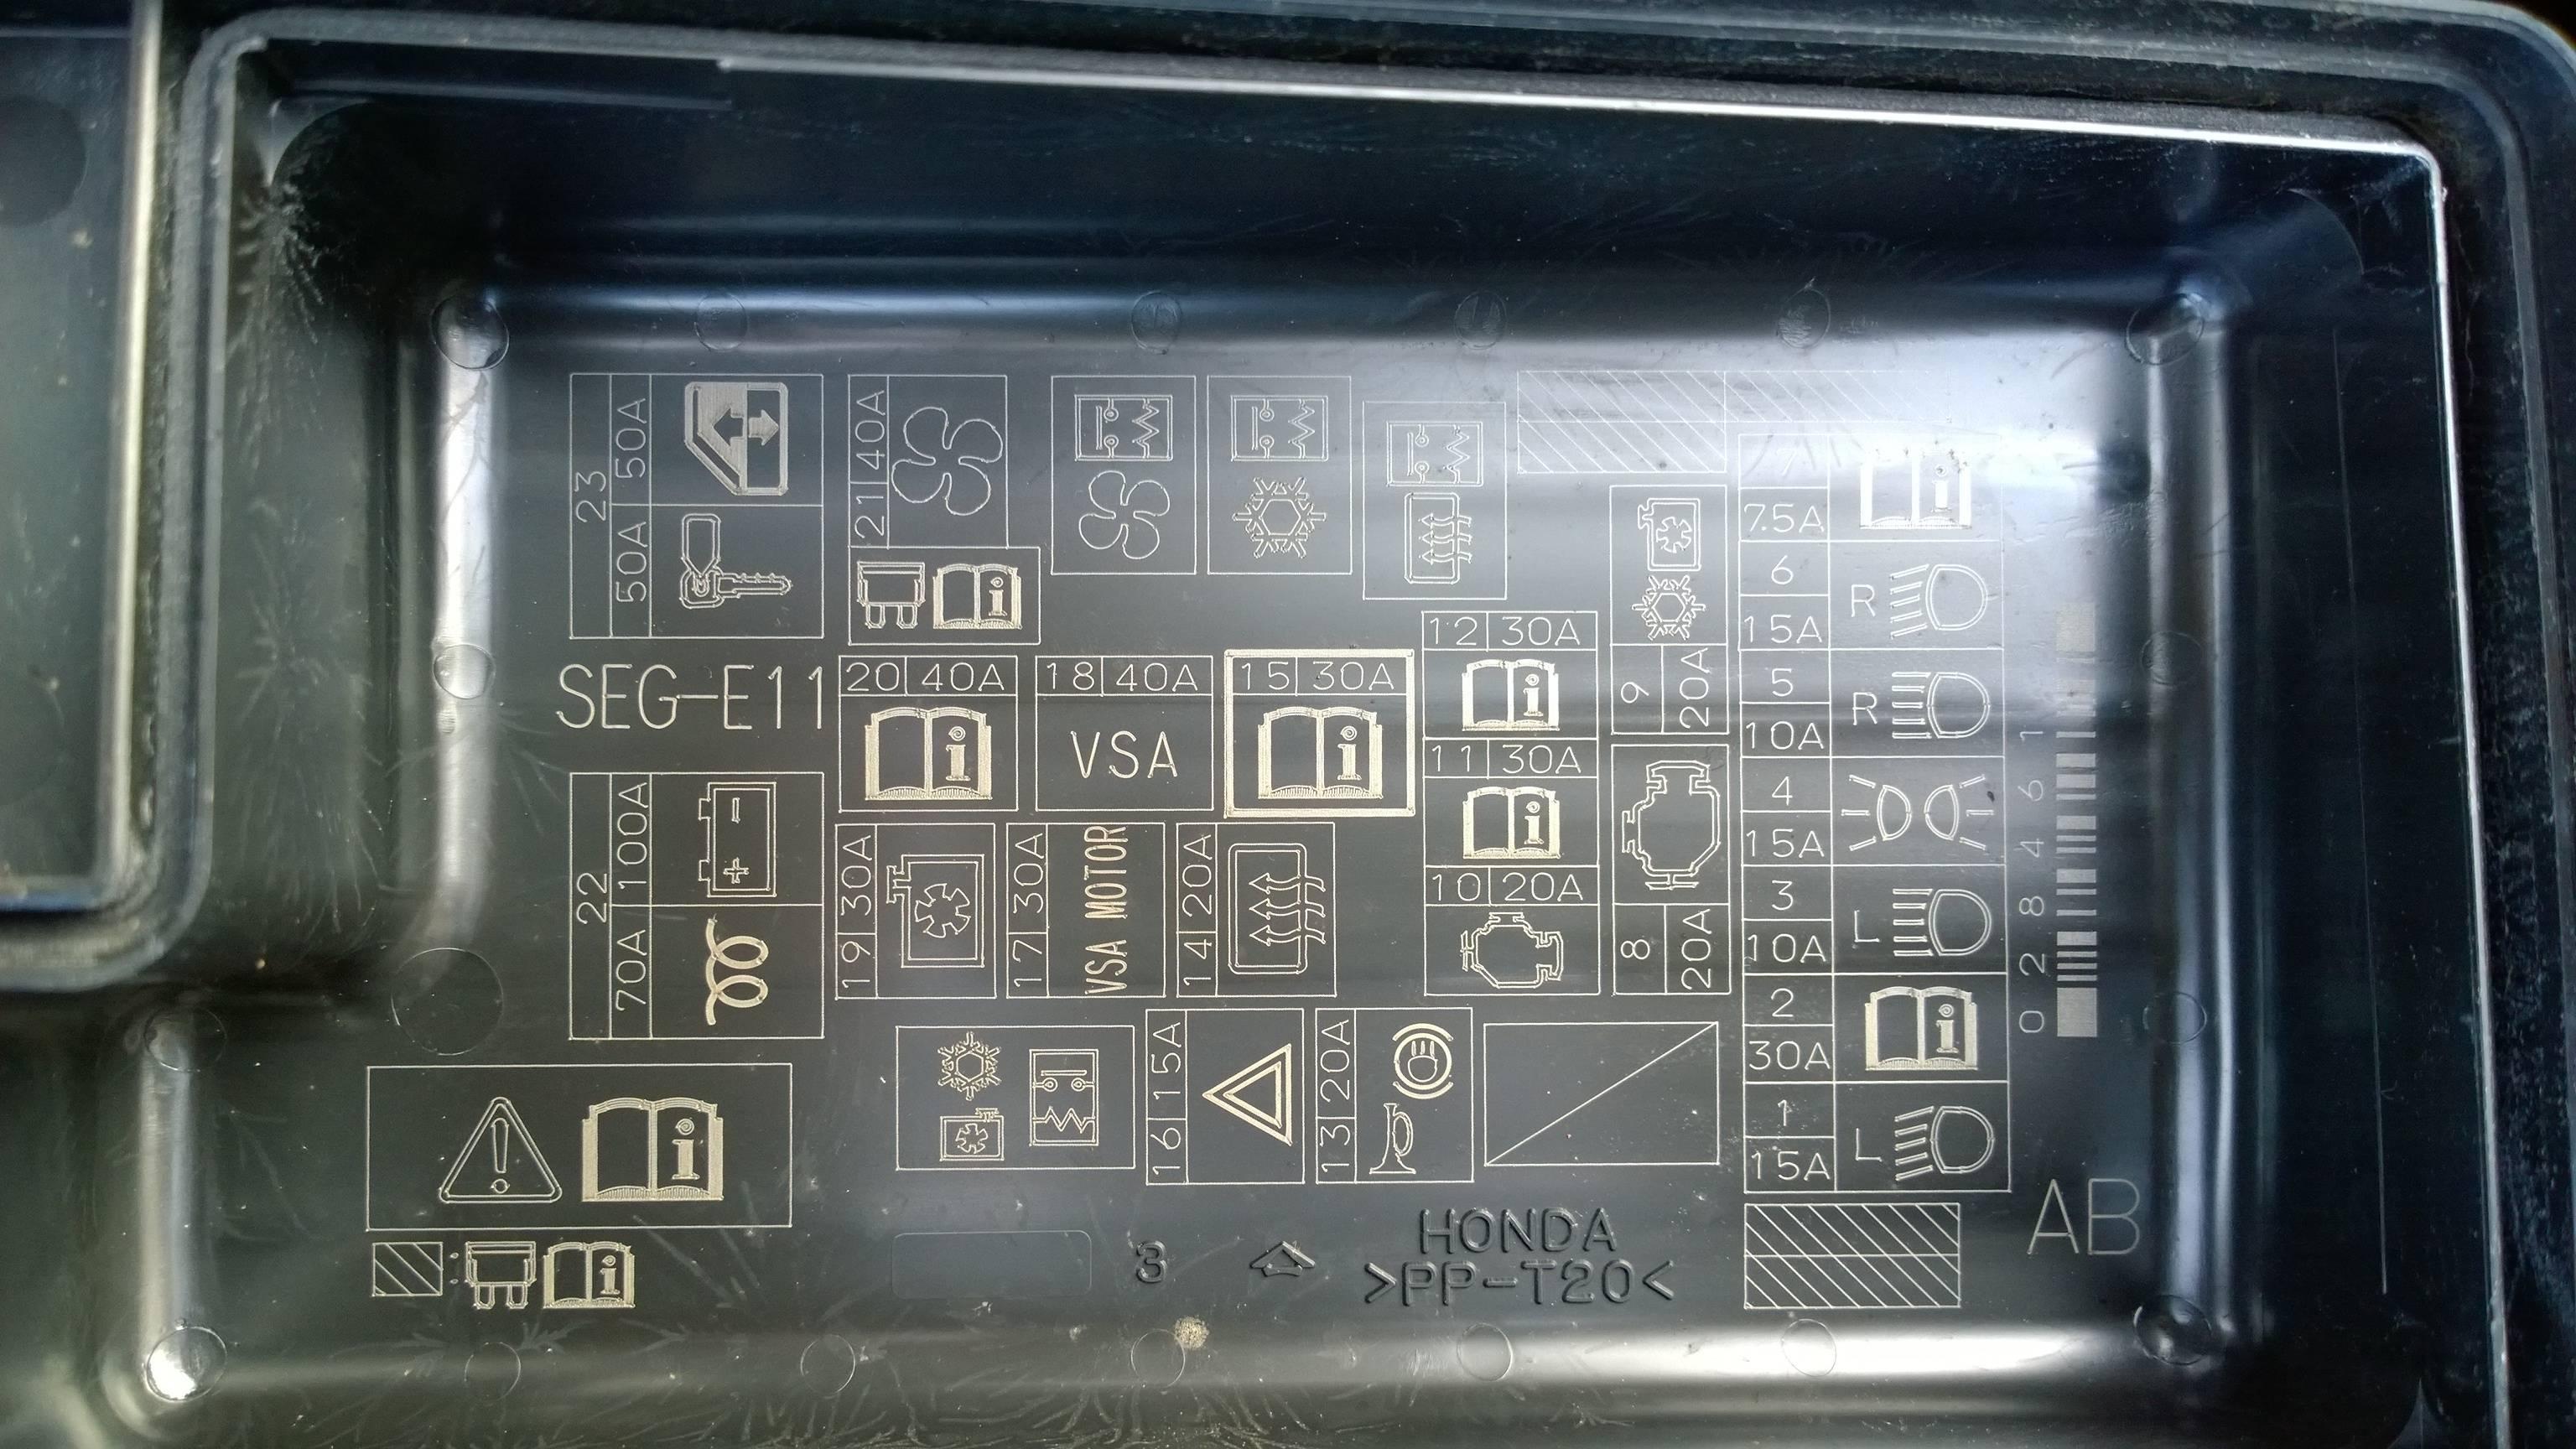 Honda Accord 2005 Headlight Relay Location